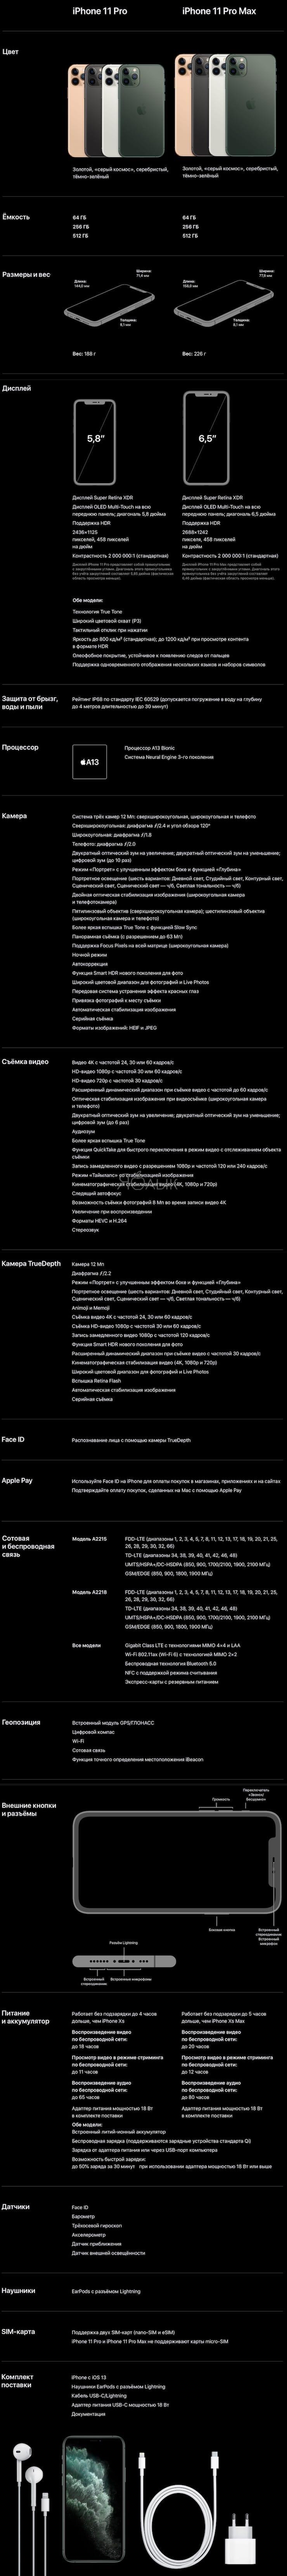 Технические характеристики (спецификации) iPhone 11 Pro и iPhone 11 Pro Max